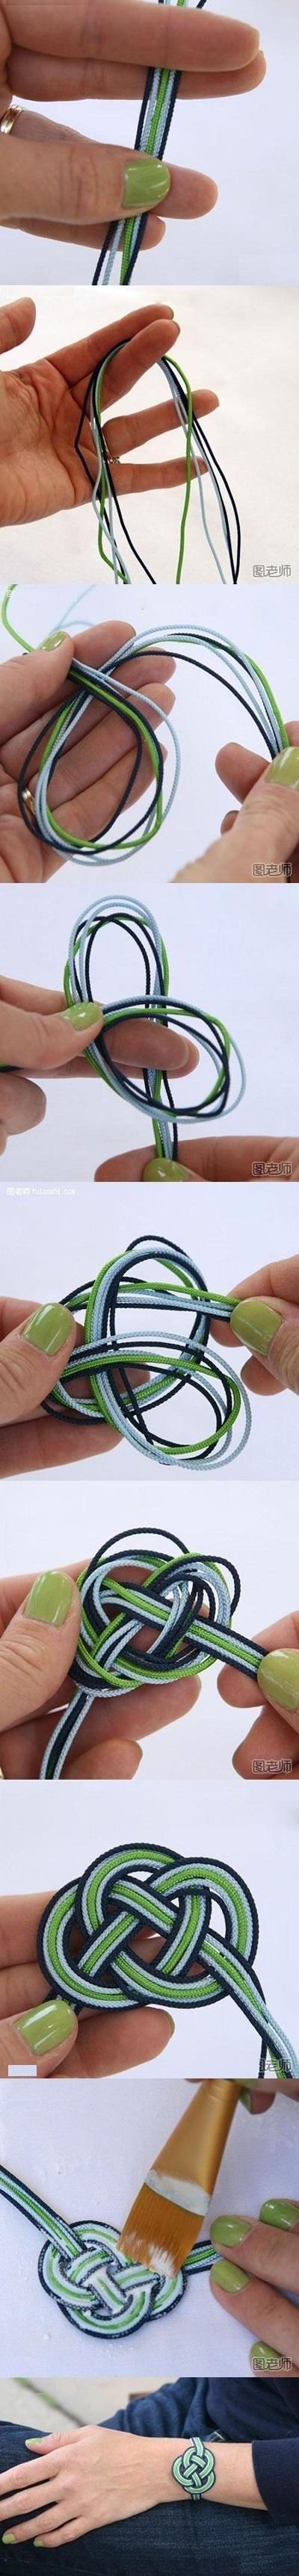 pletenyj-braslet (1)